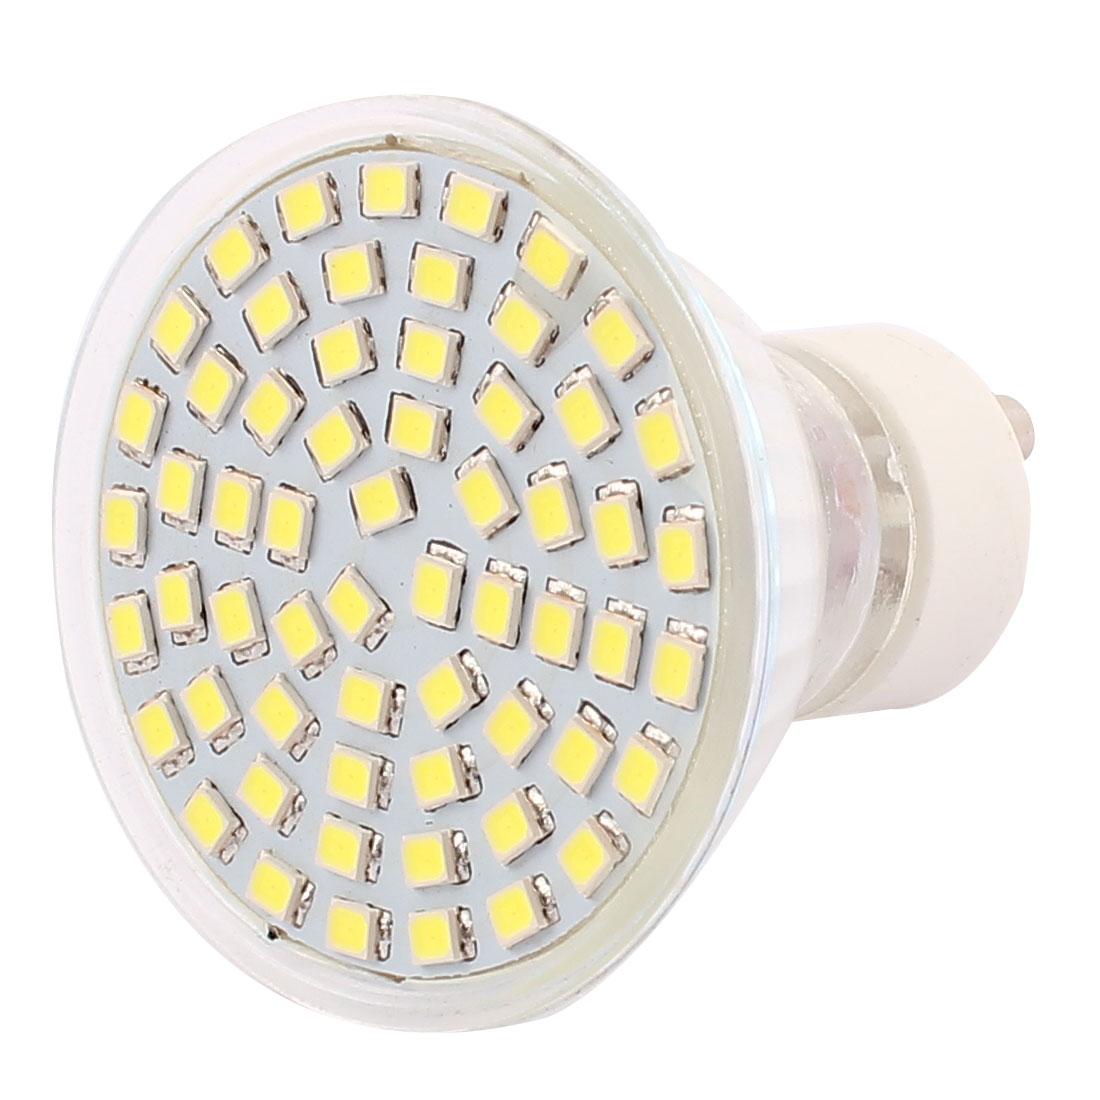 220V GU10 LED Light 6W 2835 SMD 60 LEDs Spotlight Down Lamp Bulb Lighting Pure White